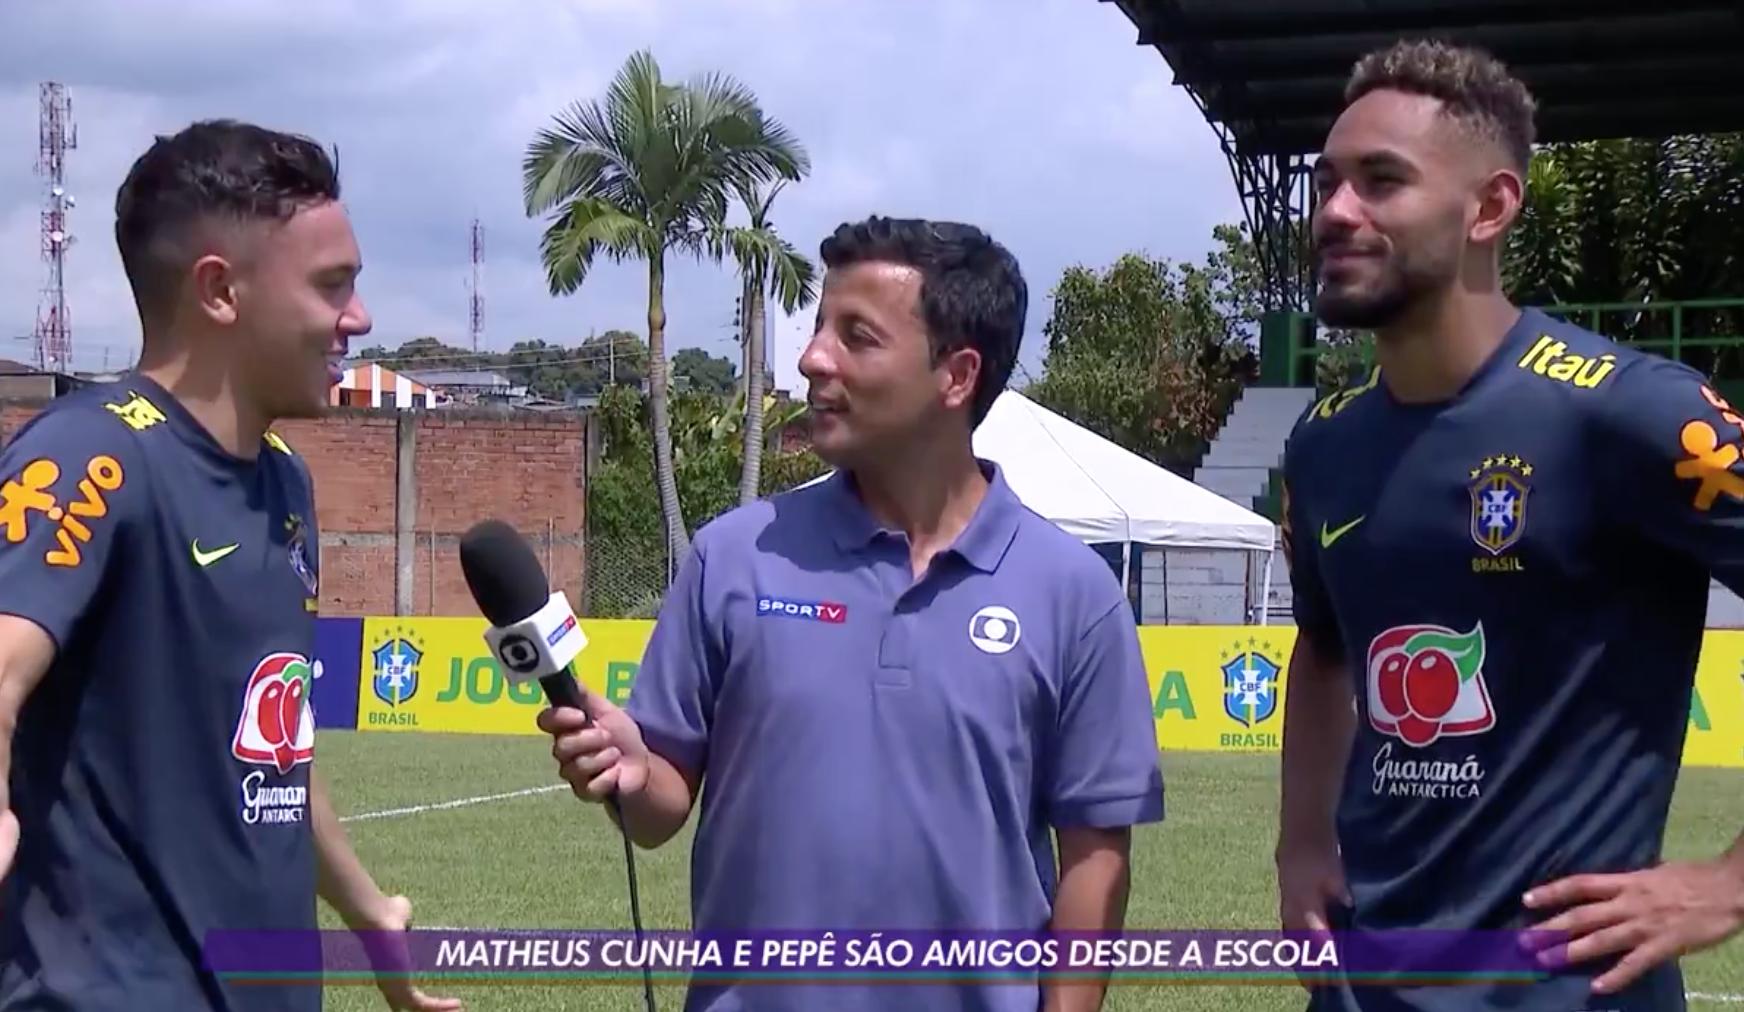 Pepê e Matheus Cunha em entrevista na seleção sub-23.